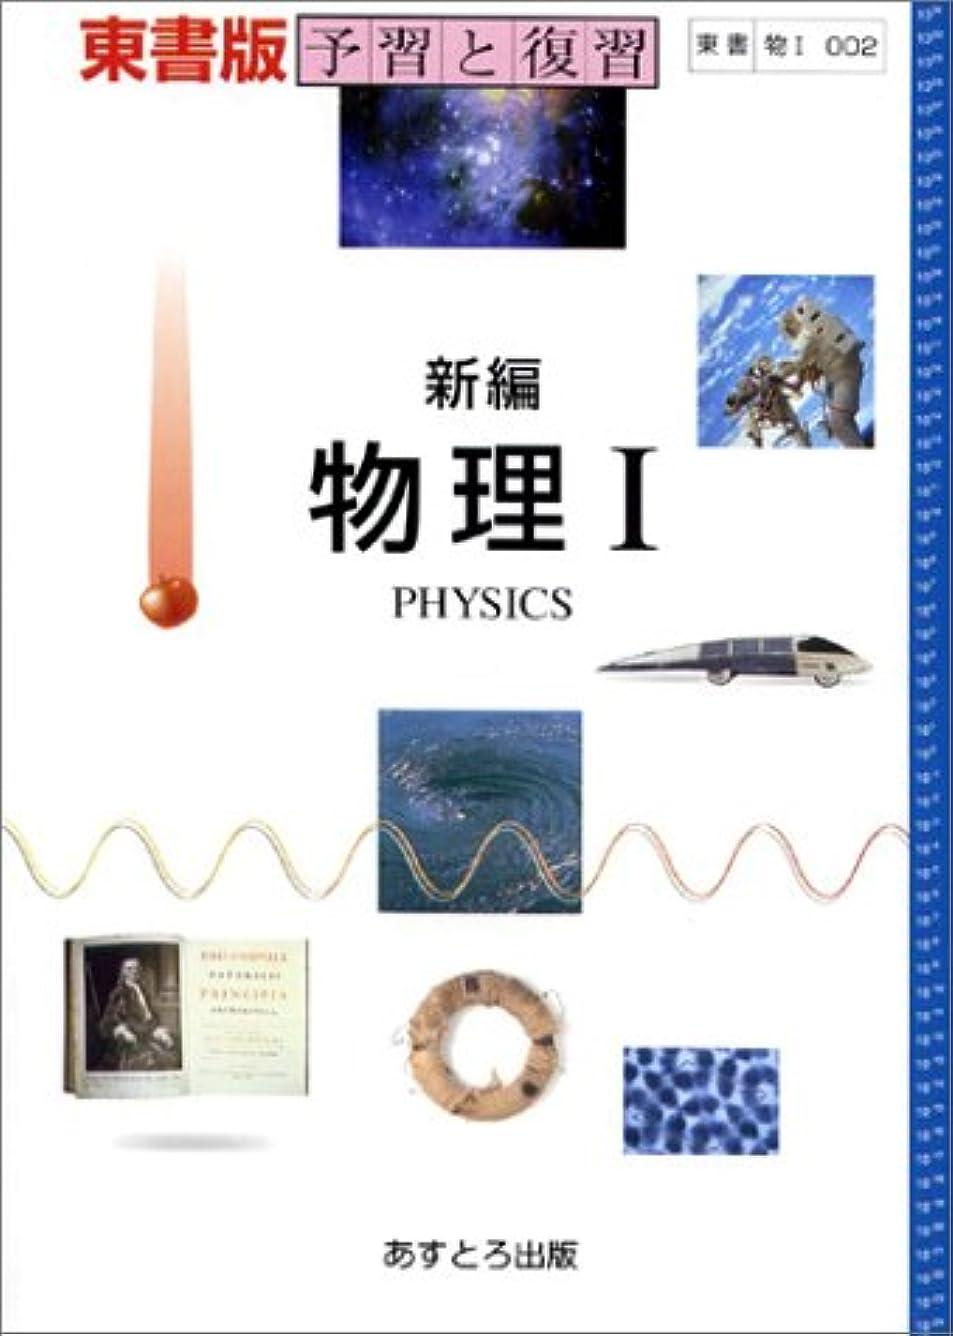 吸収剤感謝しているインタビュー高校教科書ガイド 新編 物理 I [物I 002]